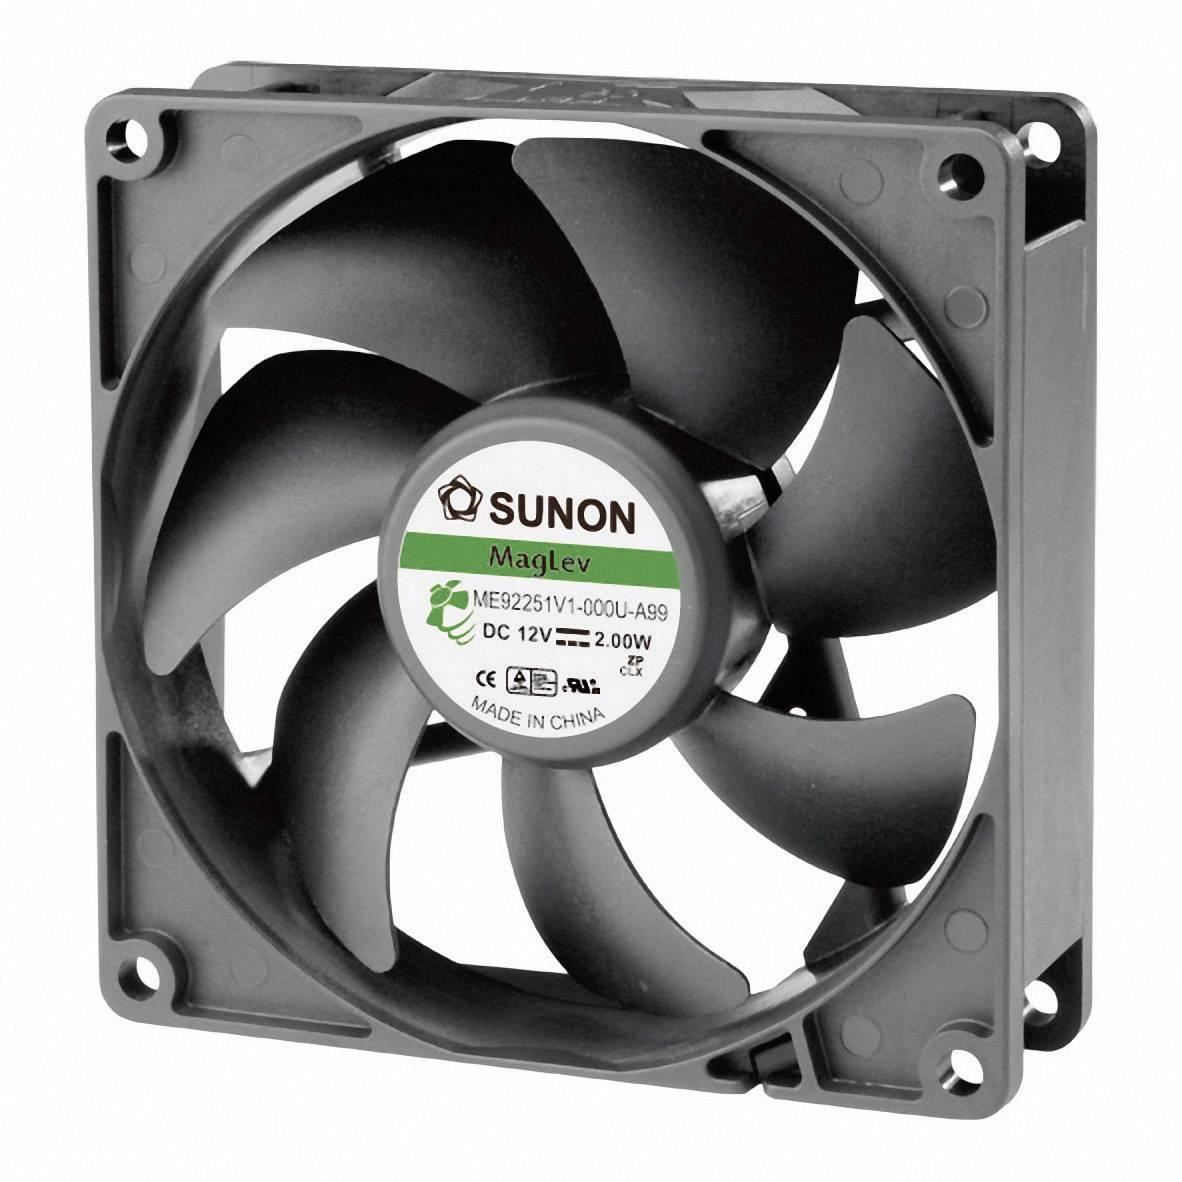 Axiálny ventilátor Sunon ME92251V1-000U-A99 ME92251V1-000U-A99, 12 V/DC, 34 dB, (d x š x v) 92 x 92 x 25 mm